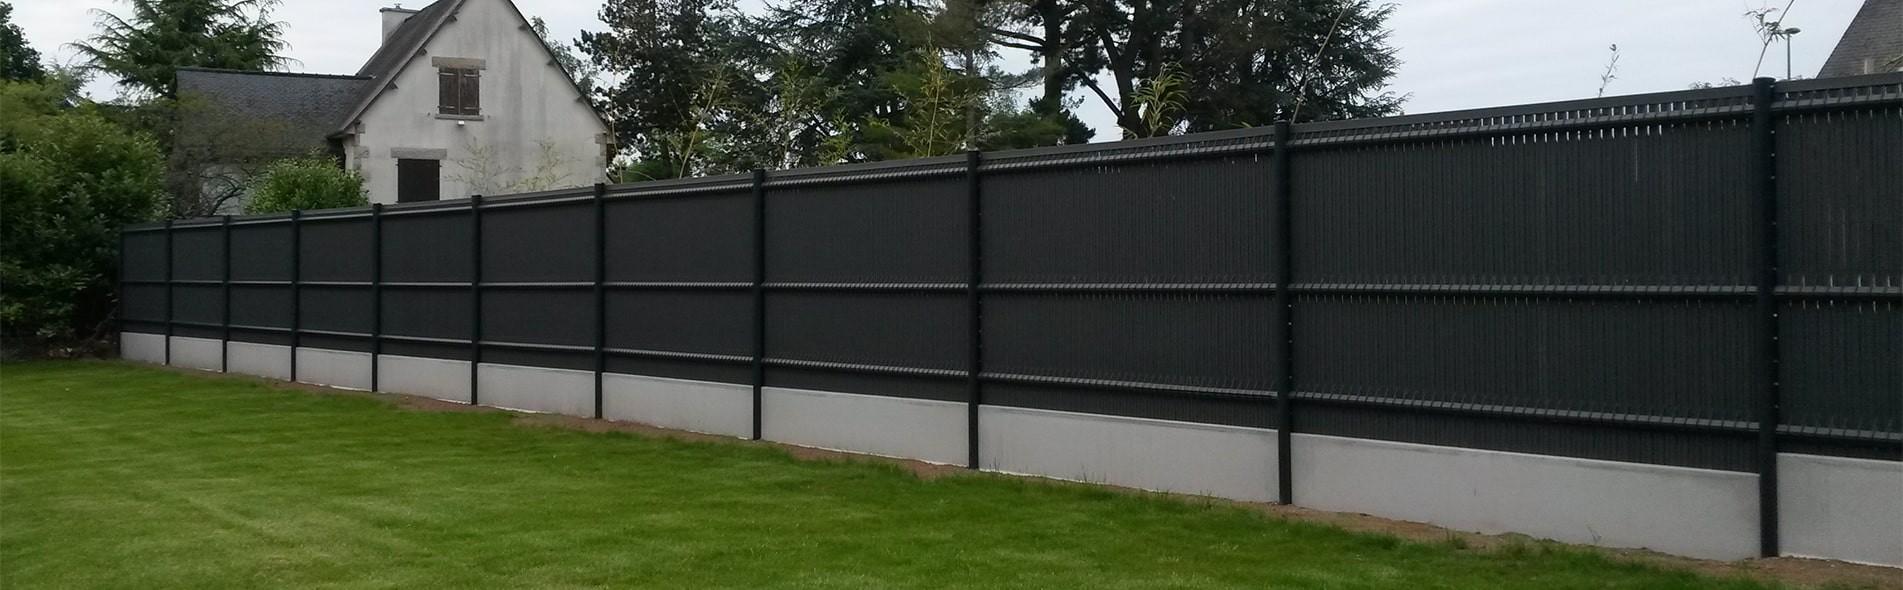 Vente De Clôtures Rigides (Pvc, Alu) Grillages & Portails concernant Cloture De Jardin Pas Cher